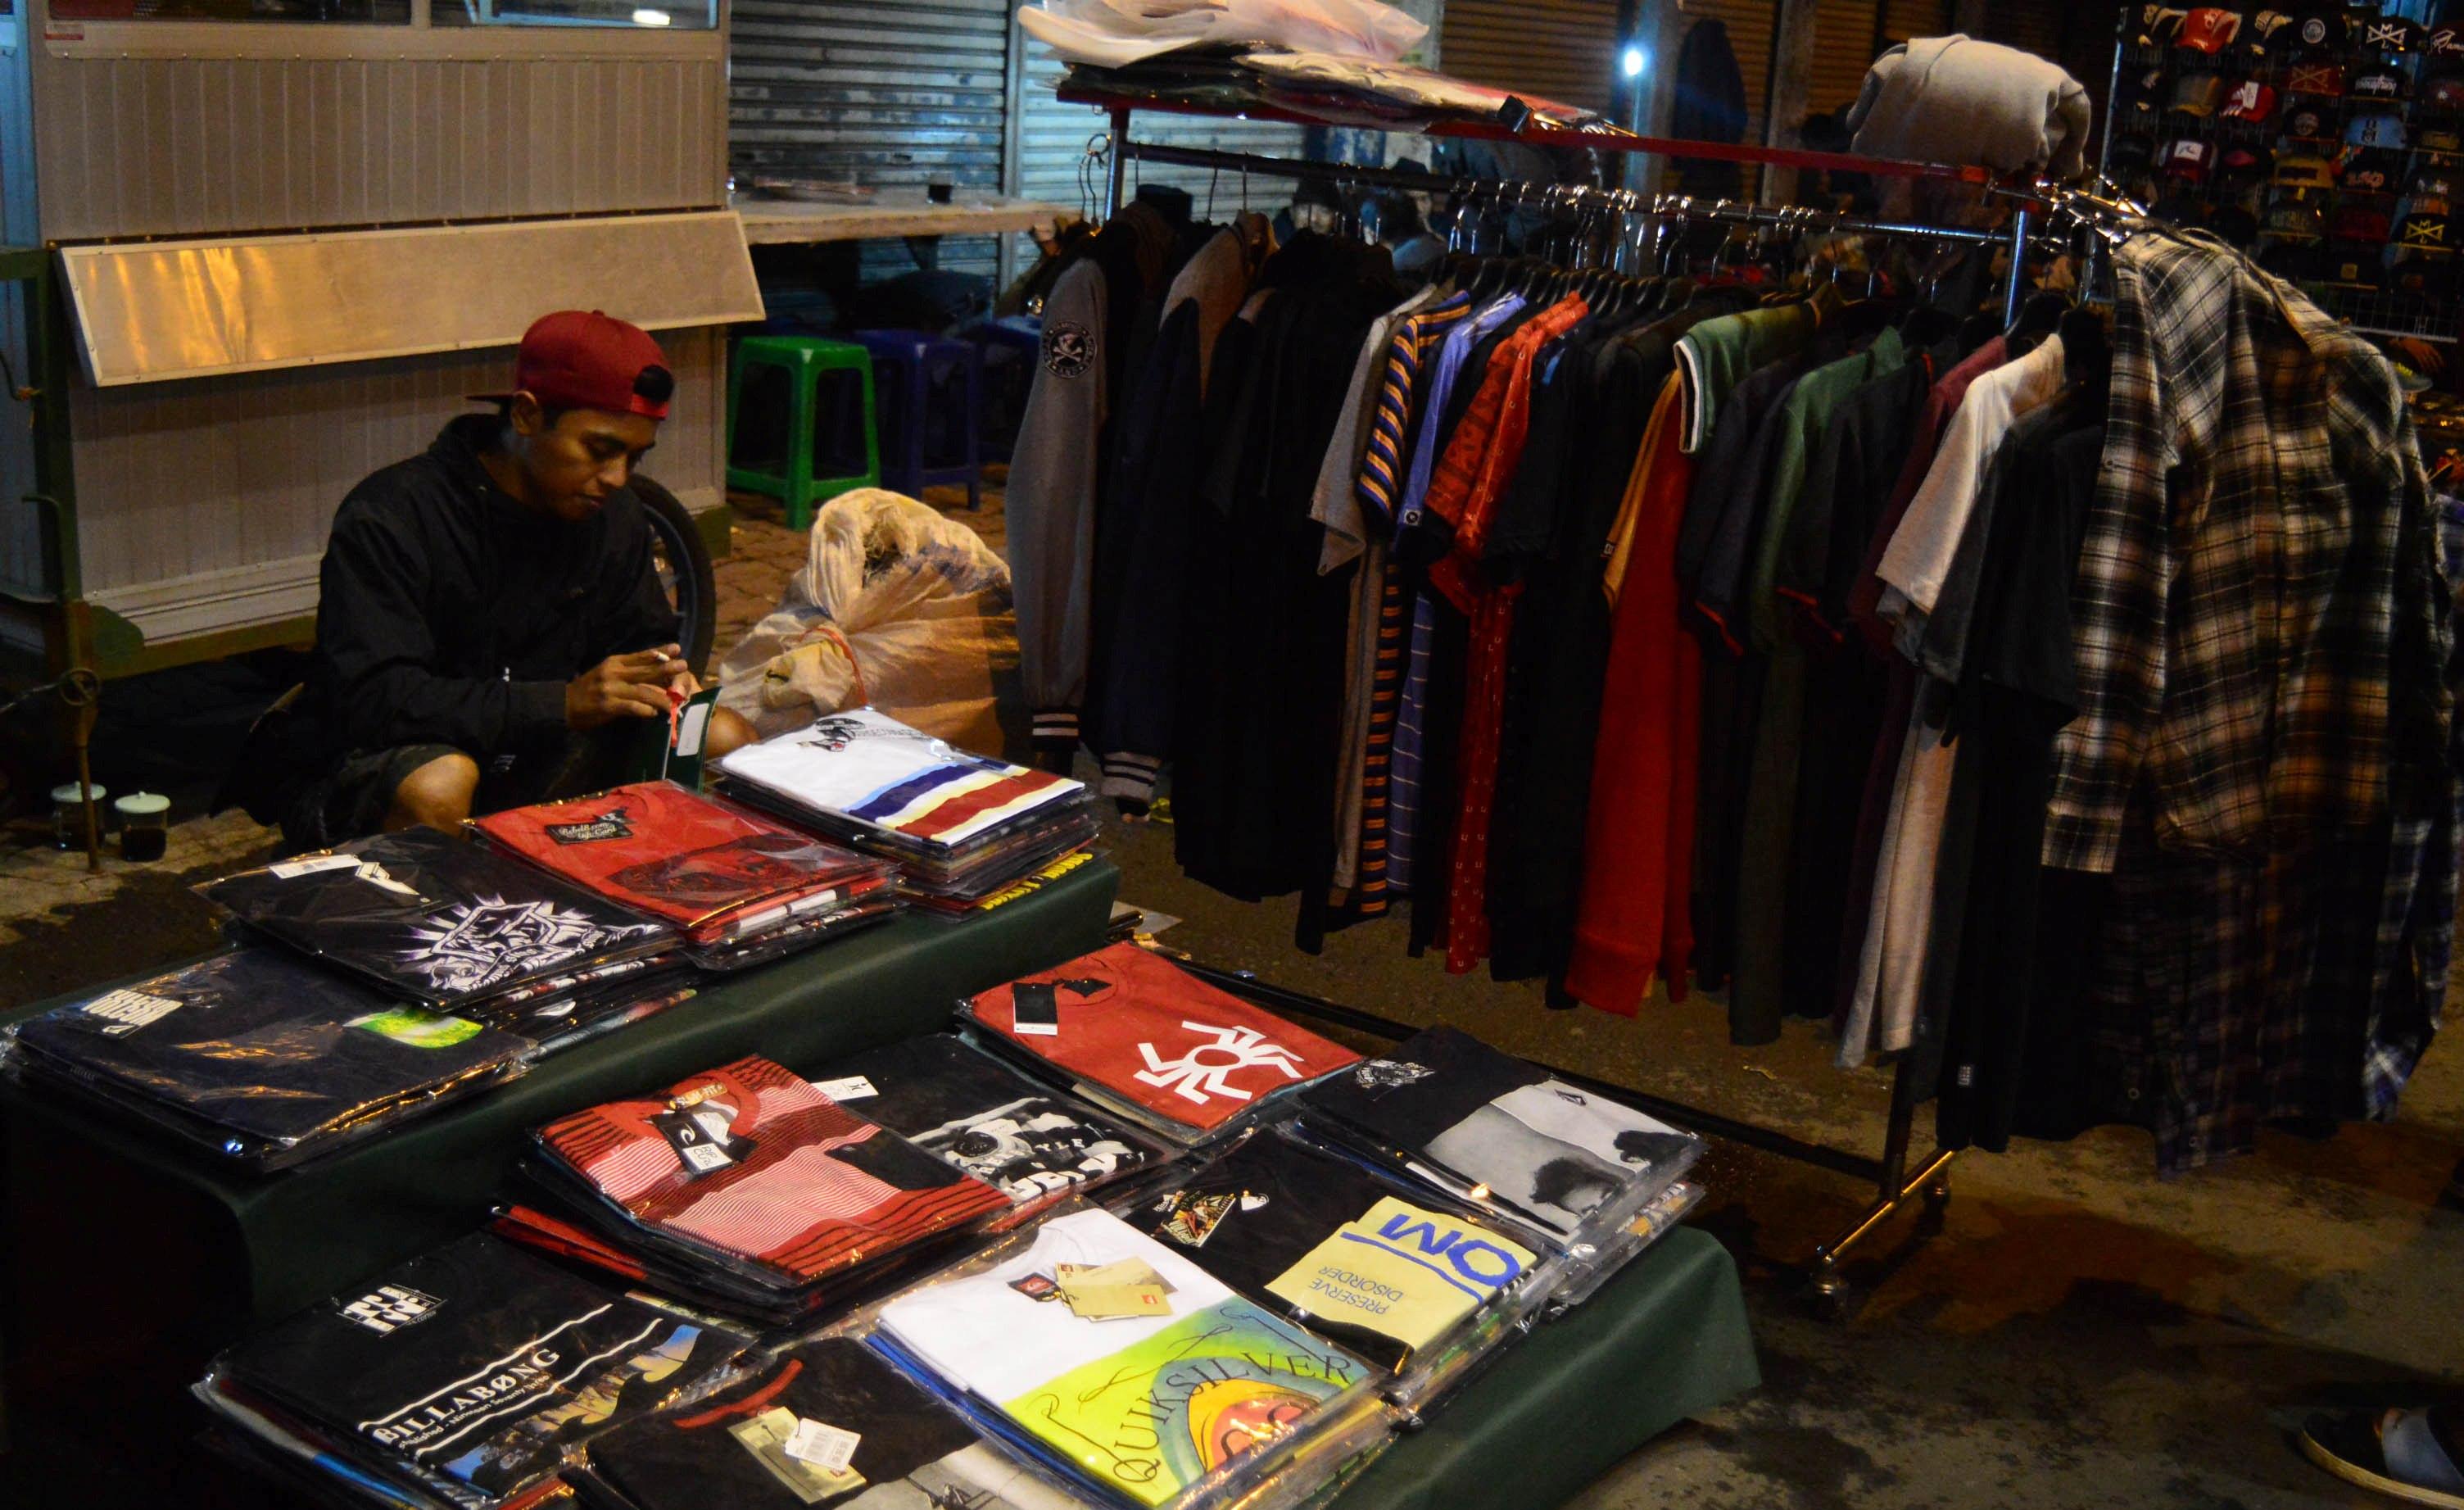 Memilih Baju Distro parahyangan di Bandung Murah Berkualitas